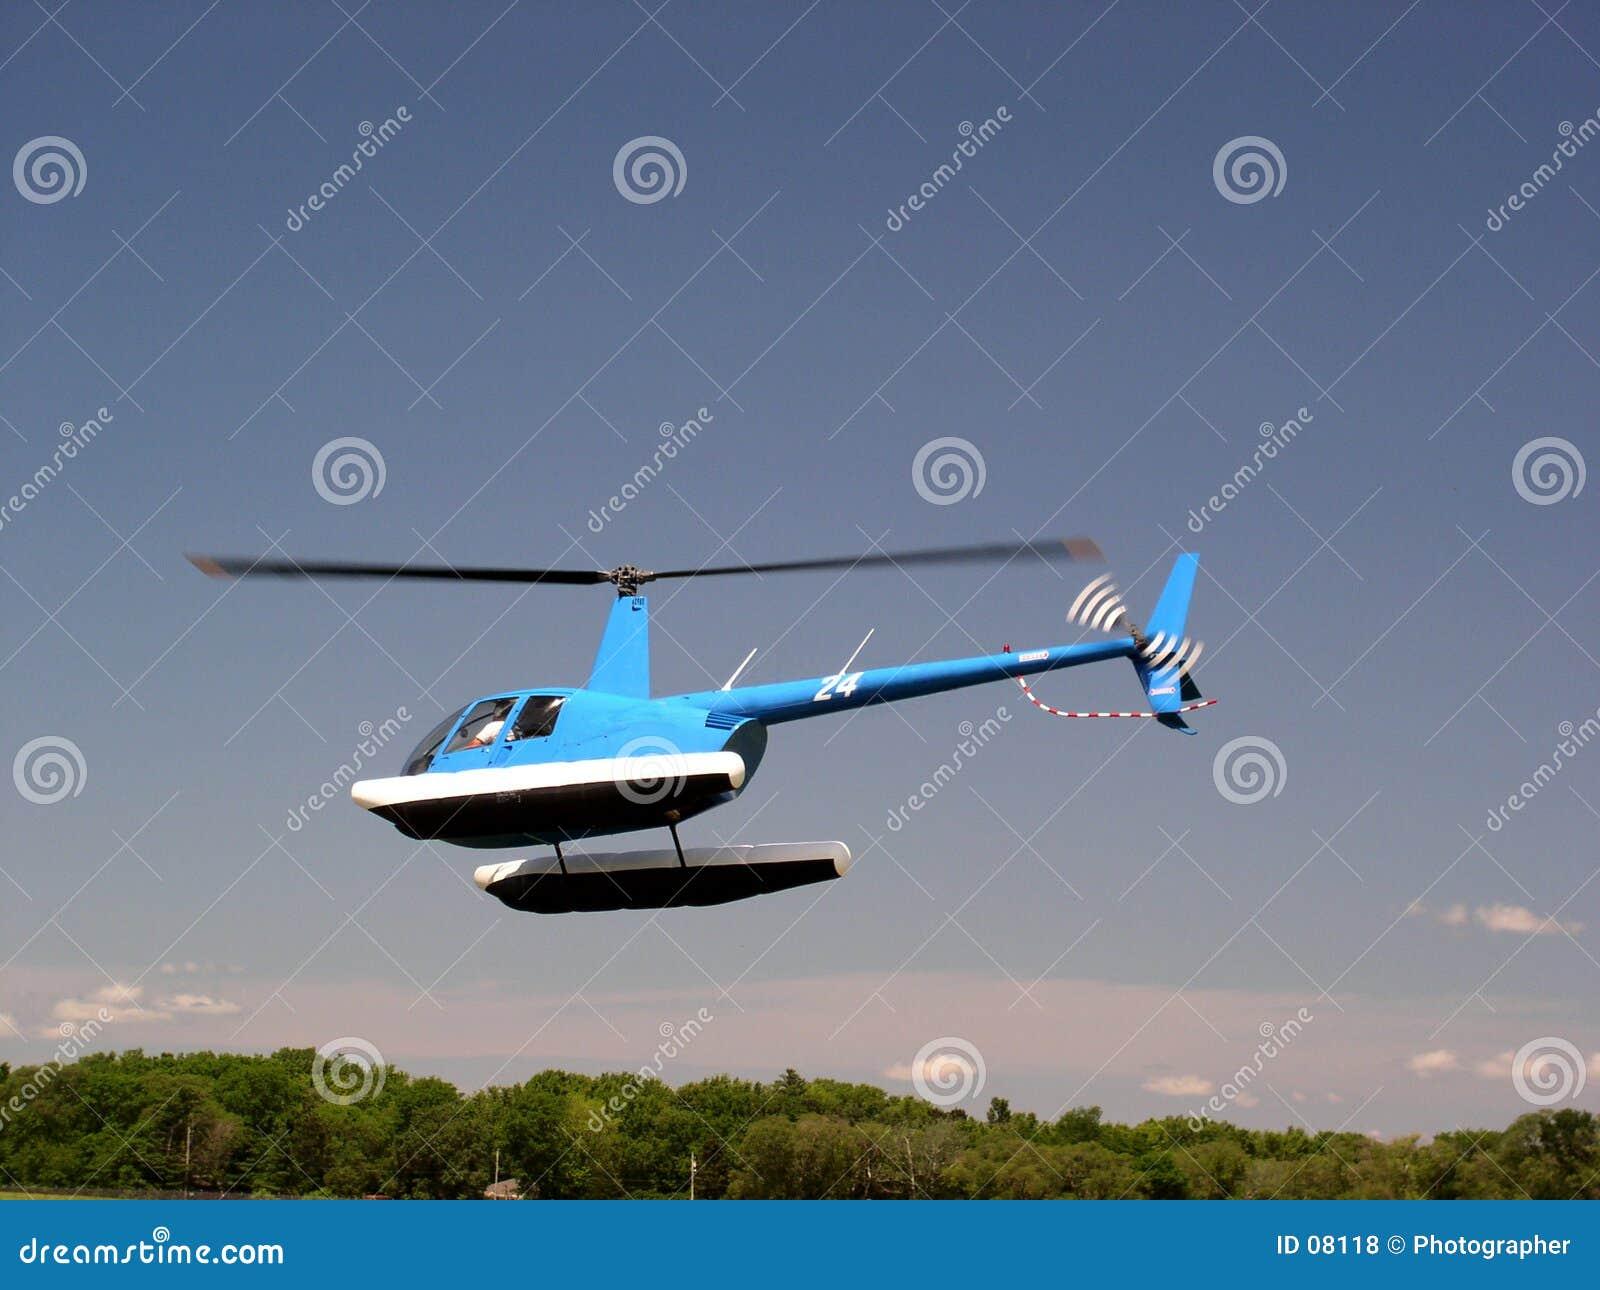 Sich hin- und herbewegender Hubschrauber